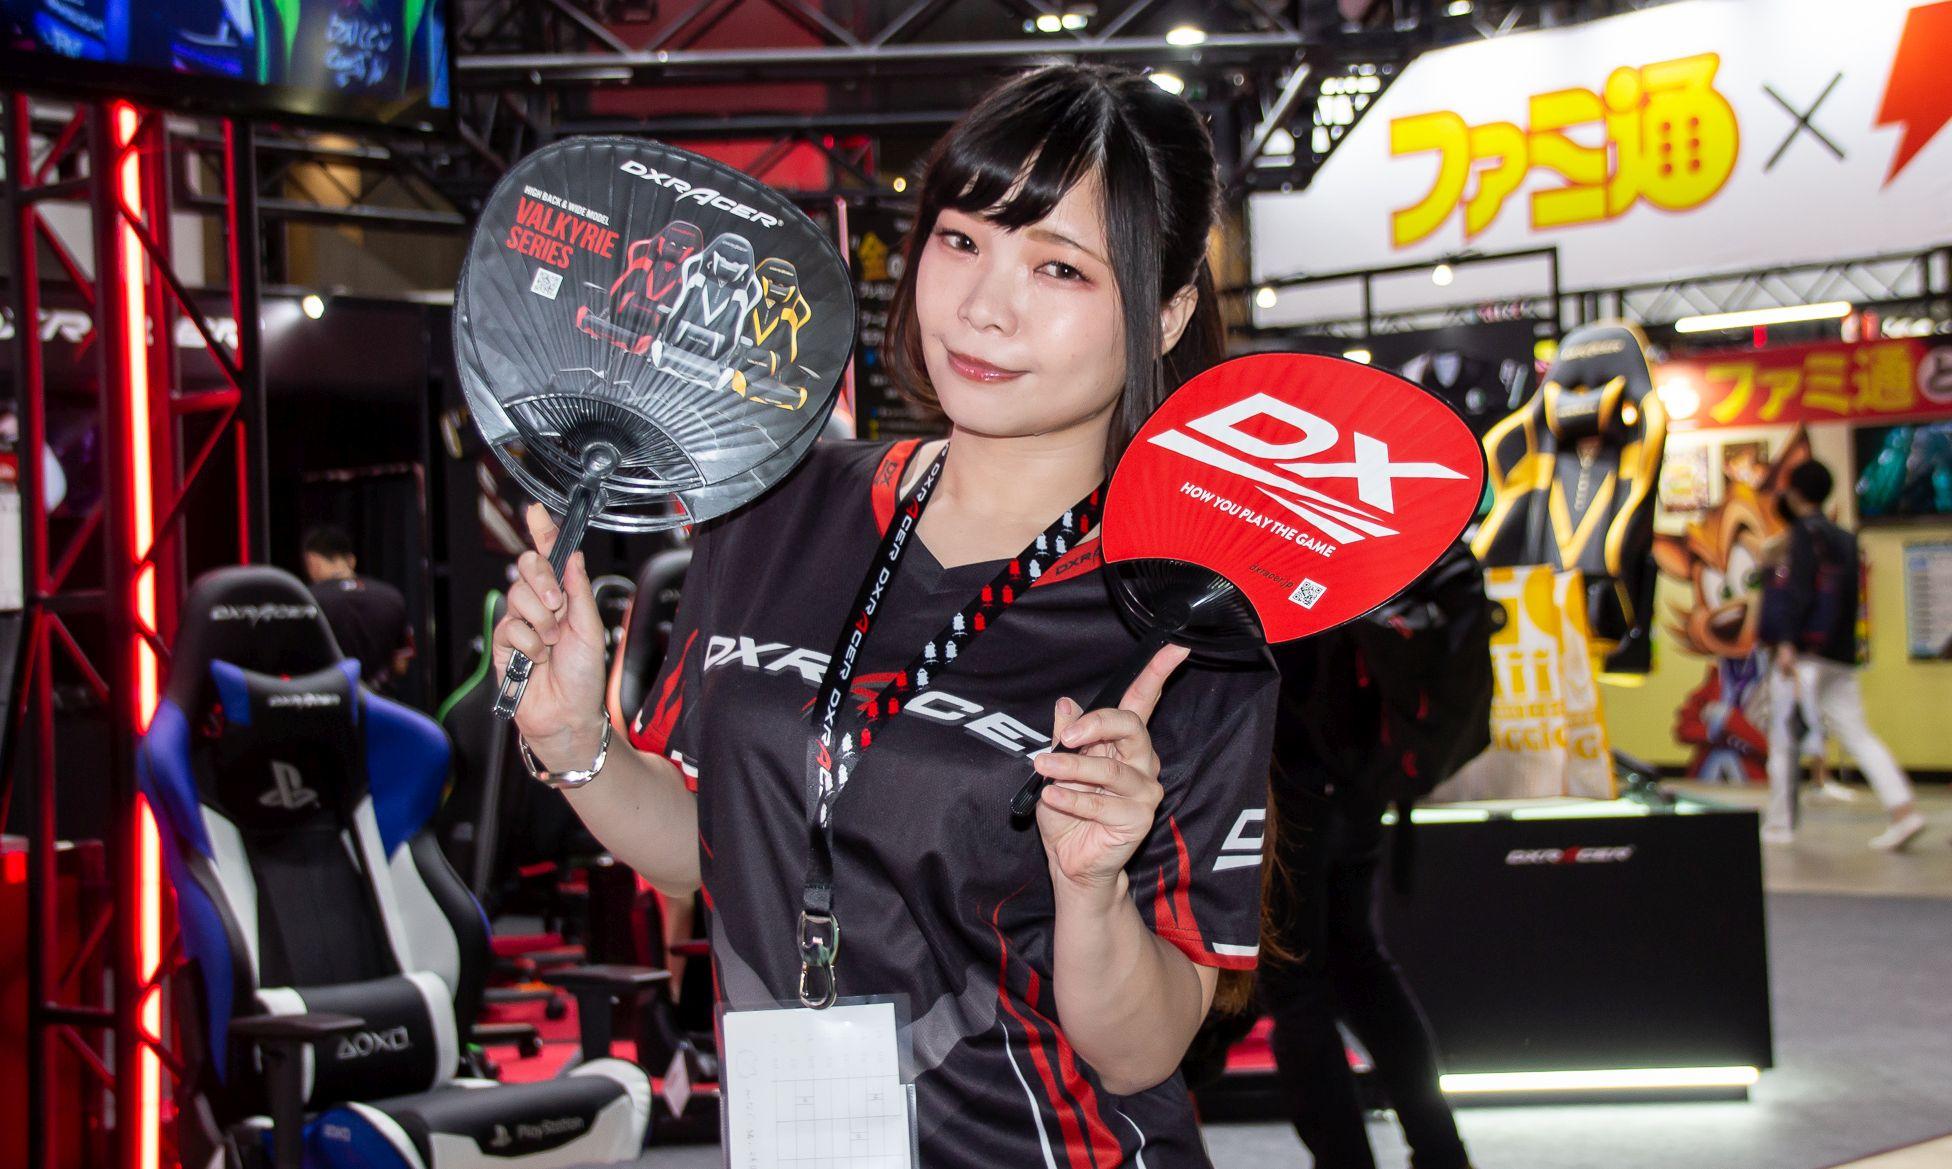 東京ゲームショウ2019 コンパニオンさん写真まとめ(AKRacing、DXRACER) #TGS2019